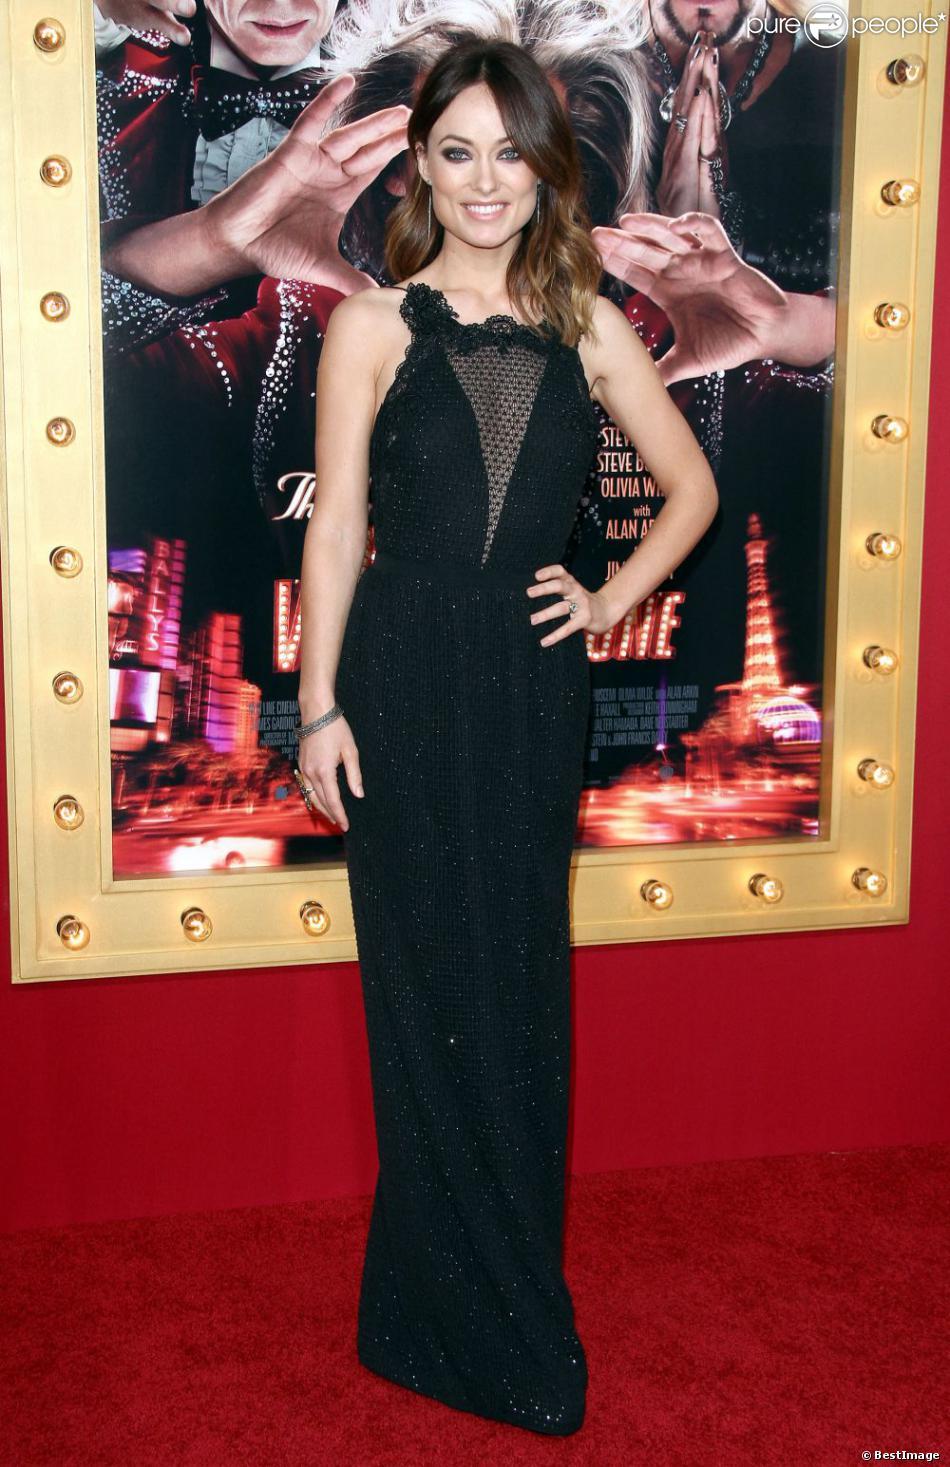 Olivia Wilde des plus ravissantes pour la première du film The Incredible Burt Wonderstone au TCL Chinese Theatre à Hollywood, le 11 mars 2013.